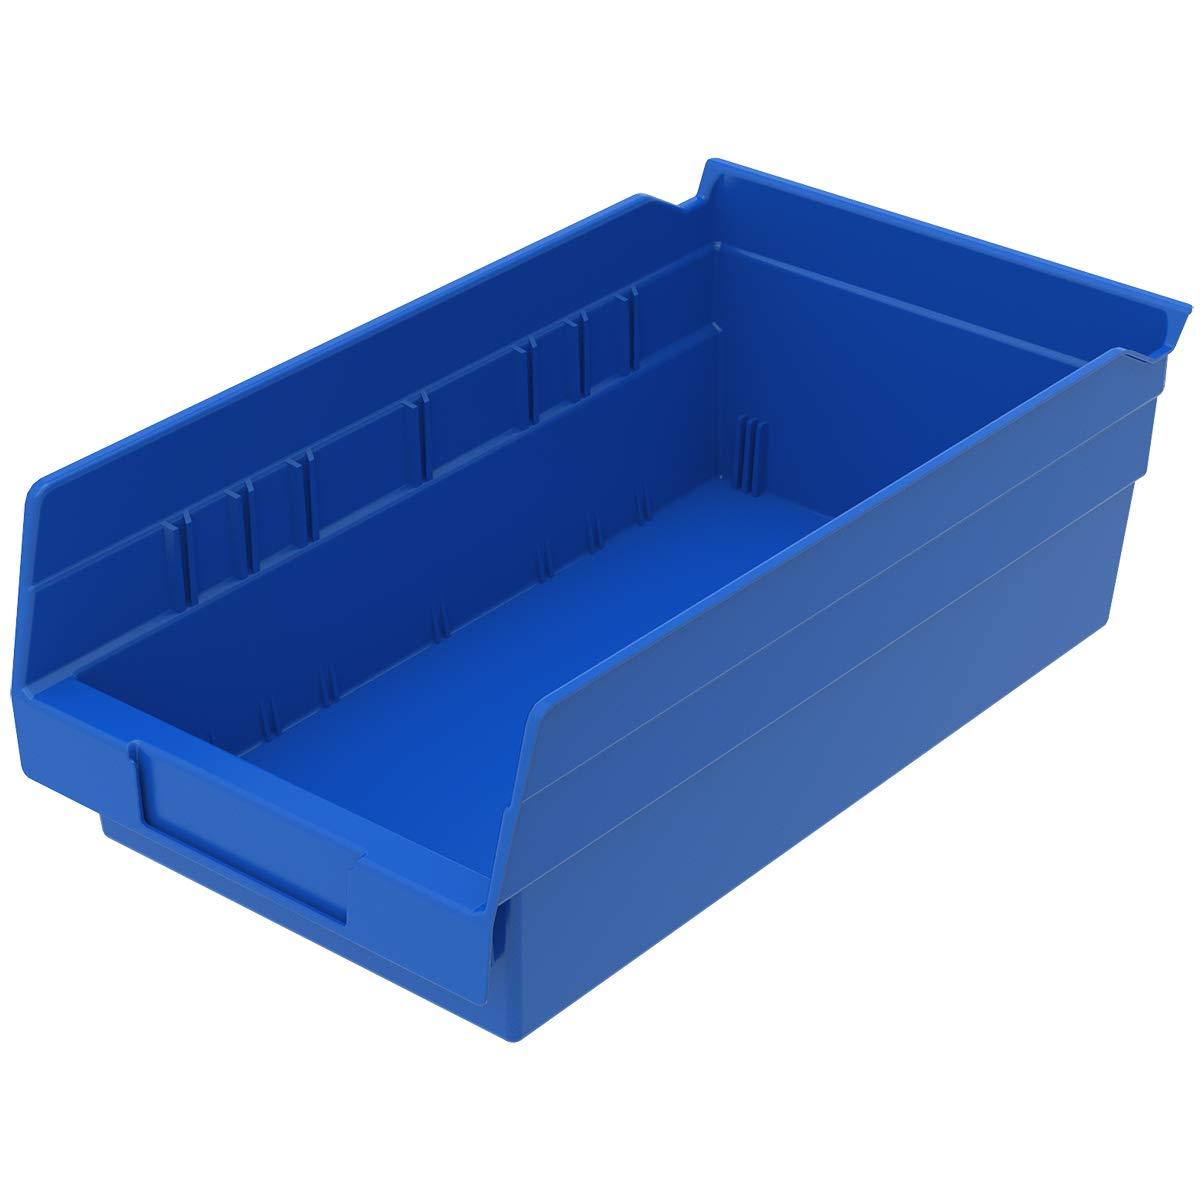 Akro-Mils 30130 12-Inch by 6-Inch by 4-Inch Plastic Nesting Shelf Bin Box, Blue, 12 Pack by Akro-Mils